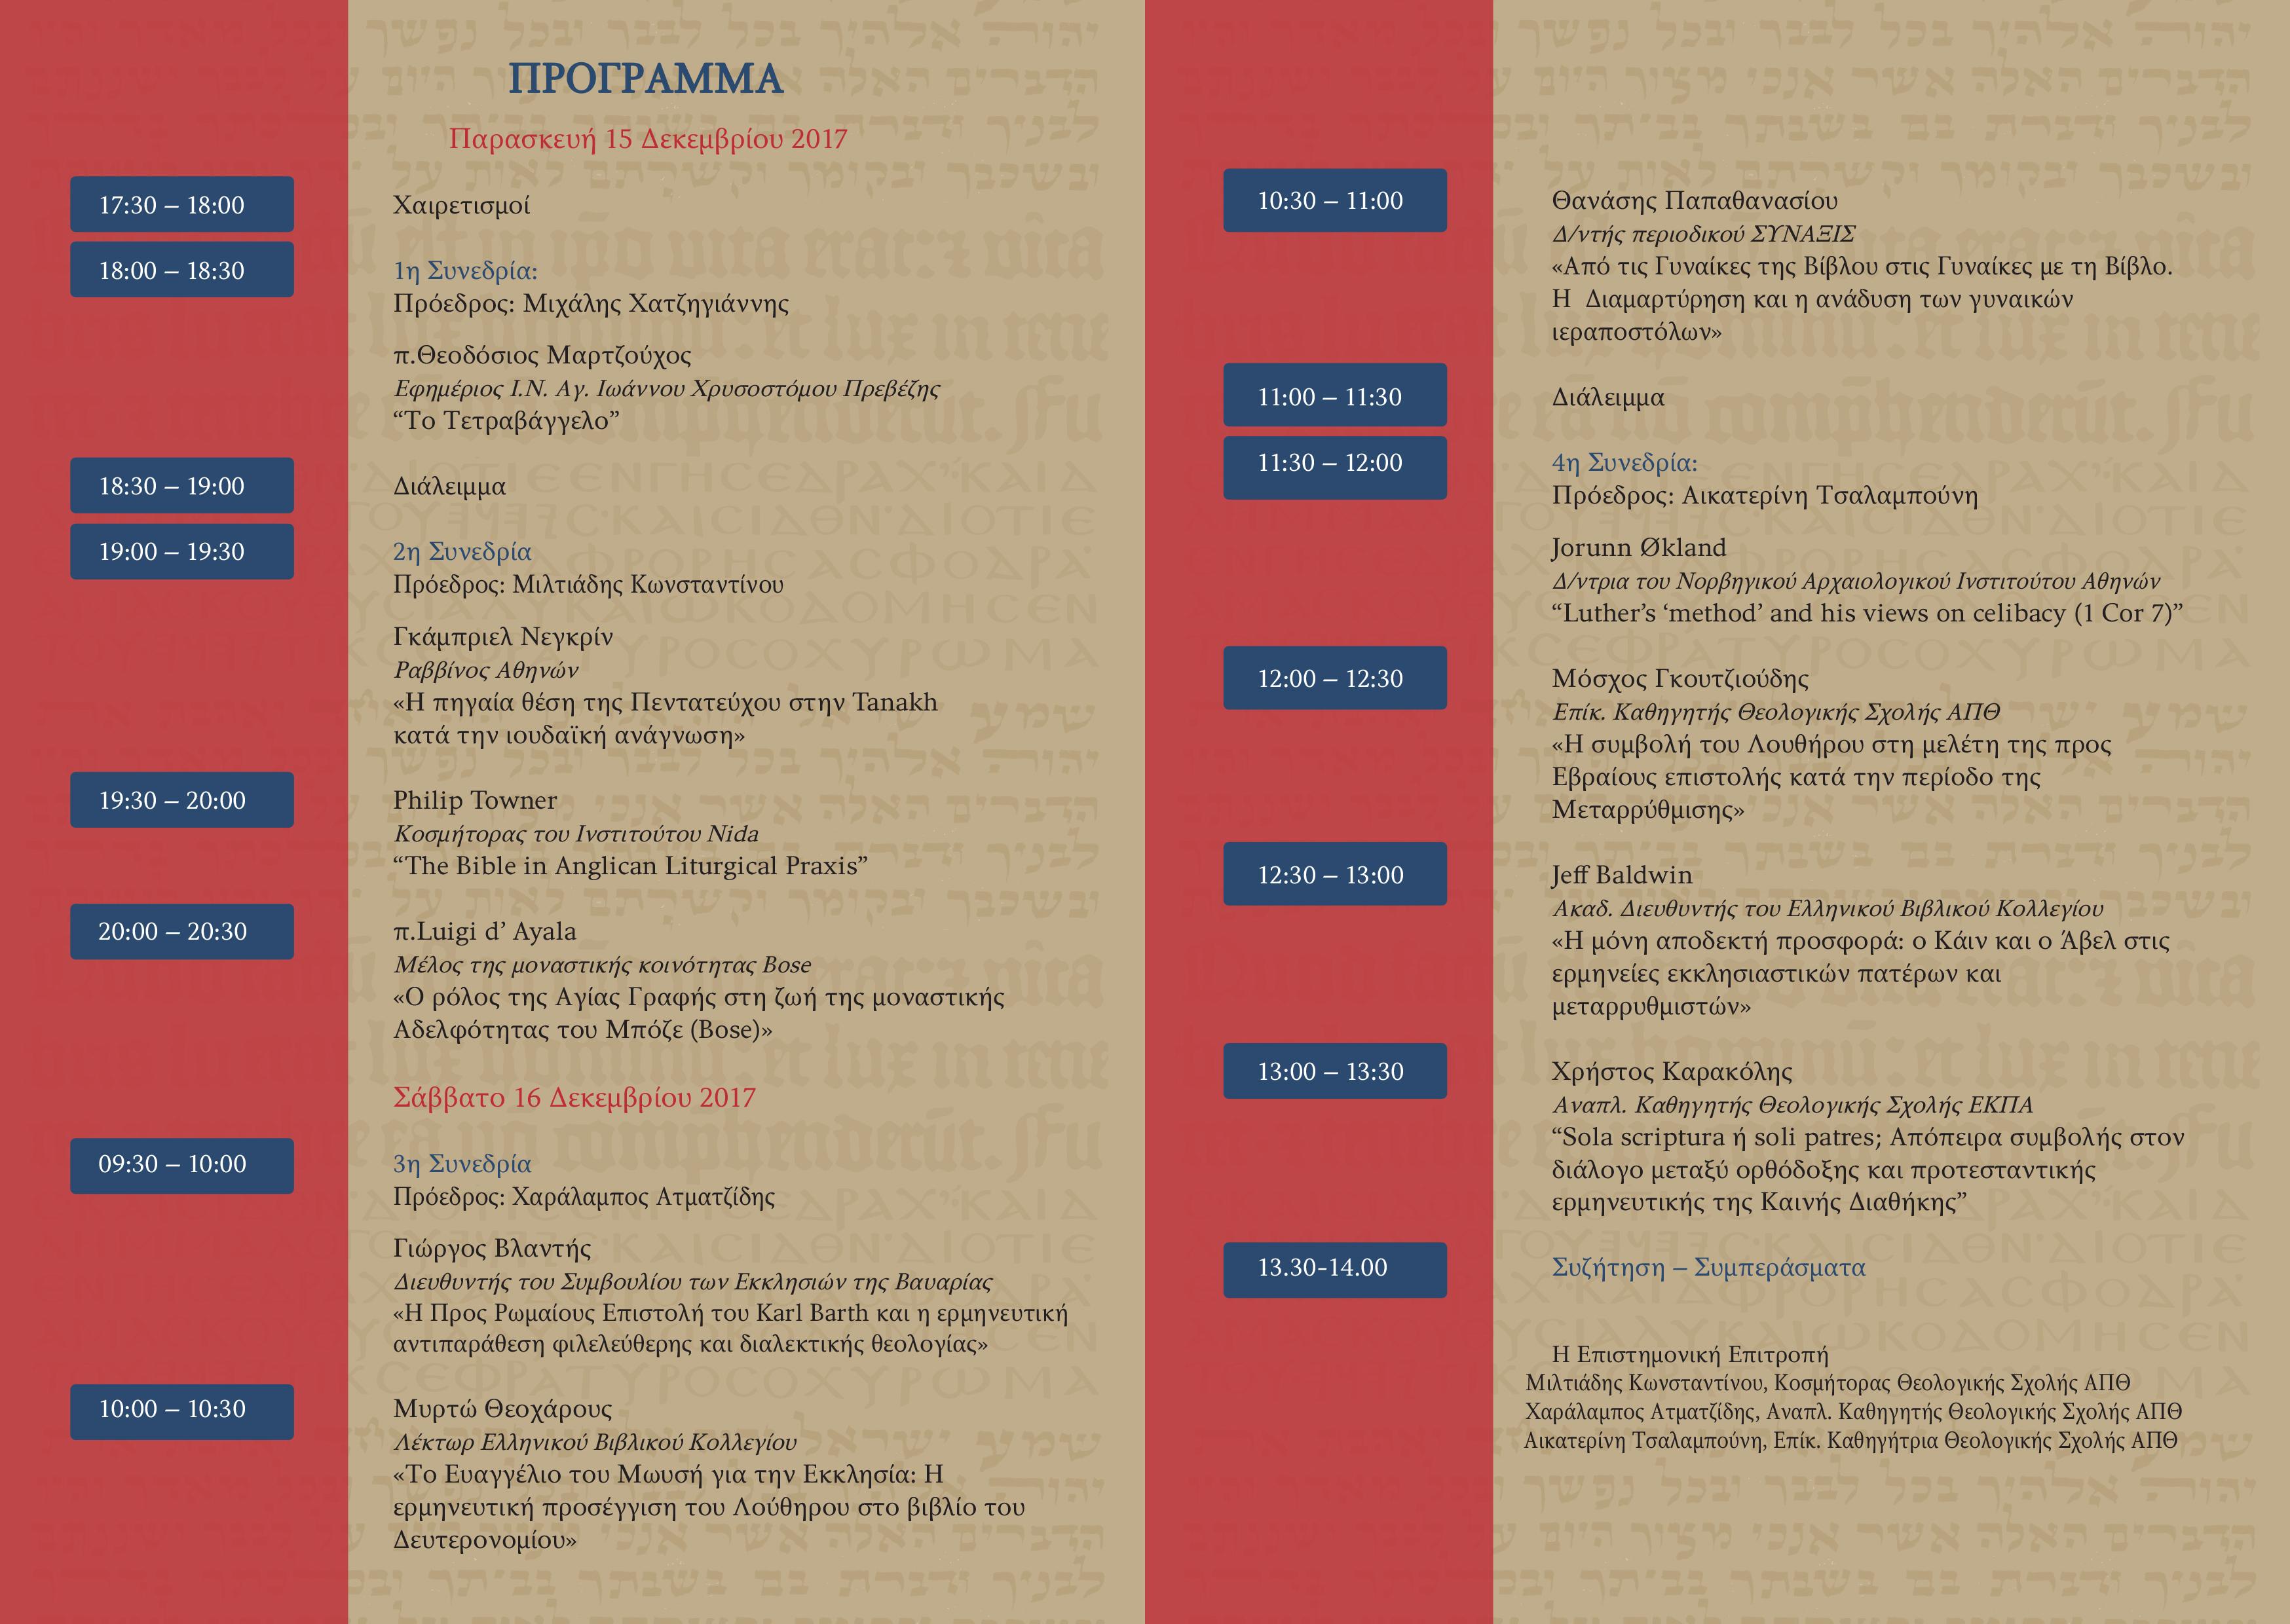 Ελληνική Βιβλική Εταιρία - Διήμερο Διεθνές Επιστημονικό Συνέδριο